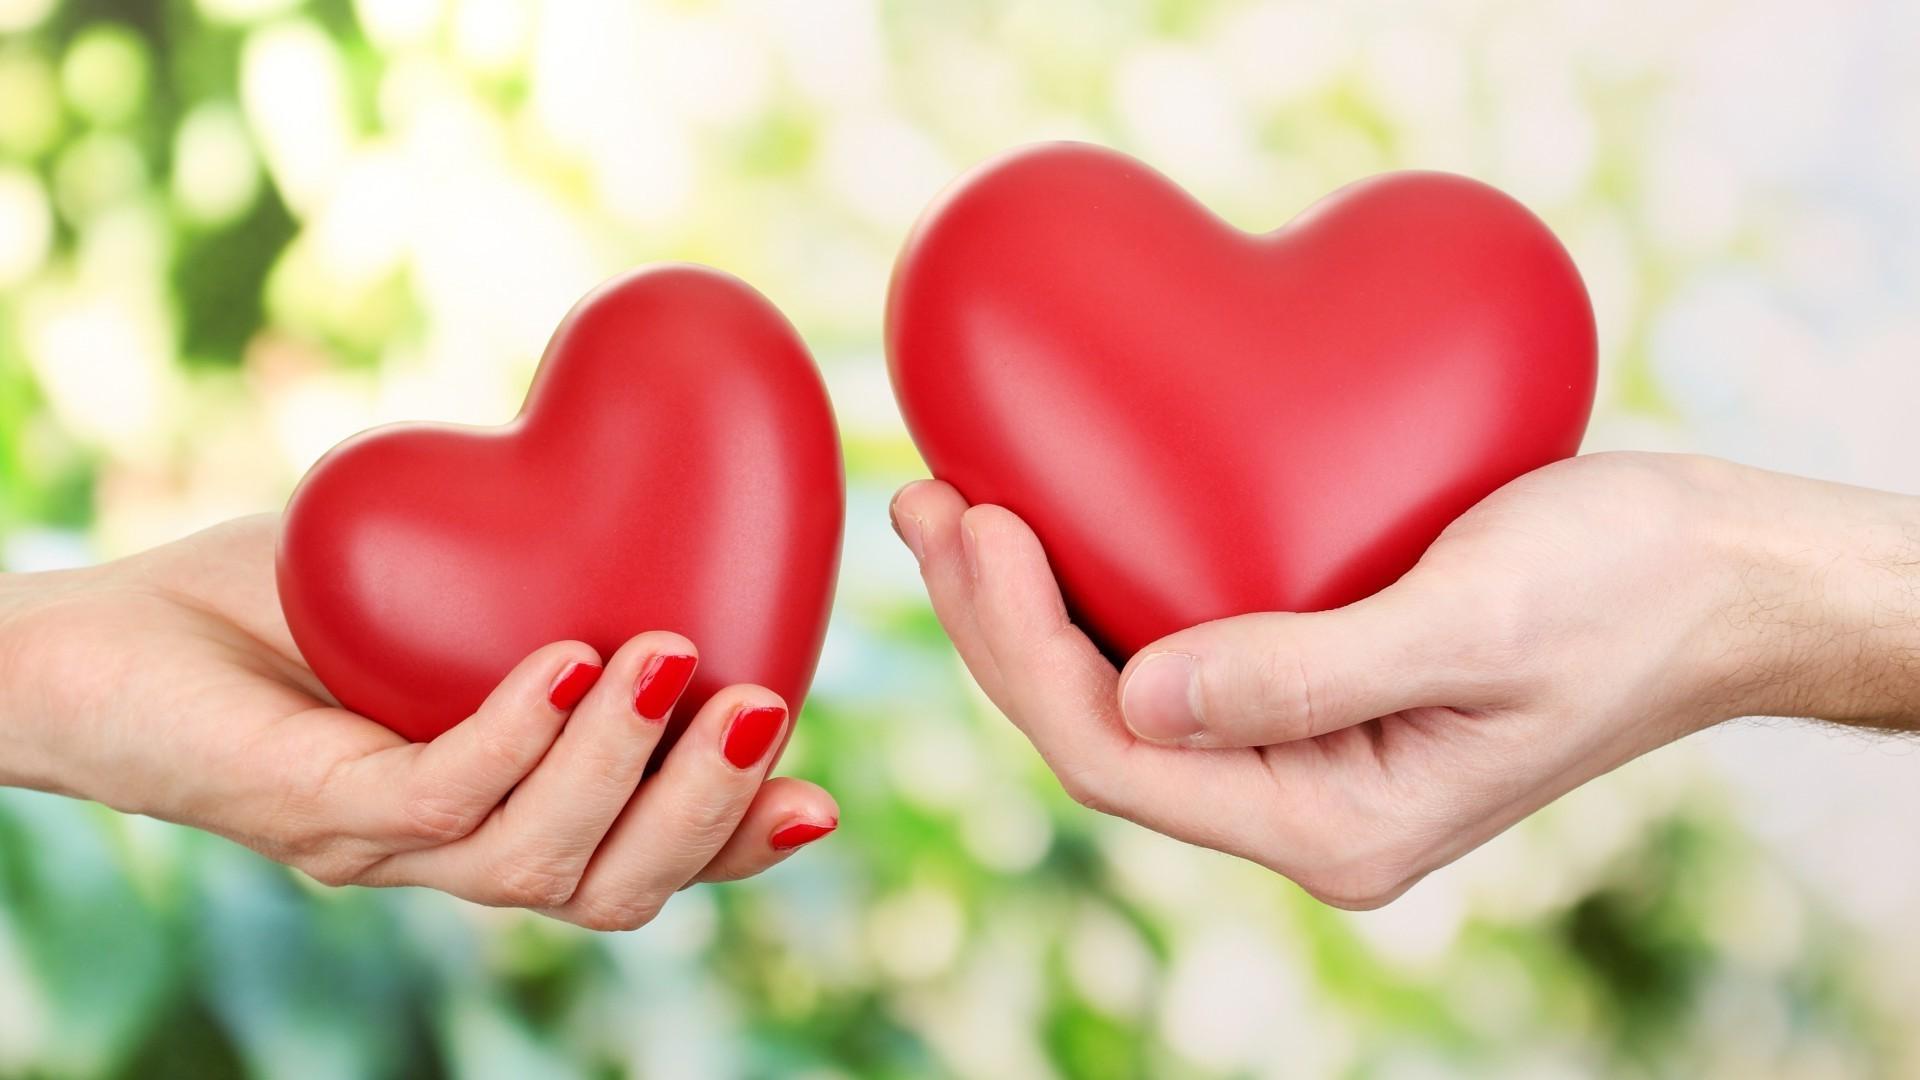 Обои рабочего стола сердце в руках